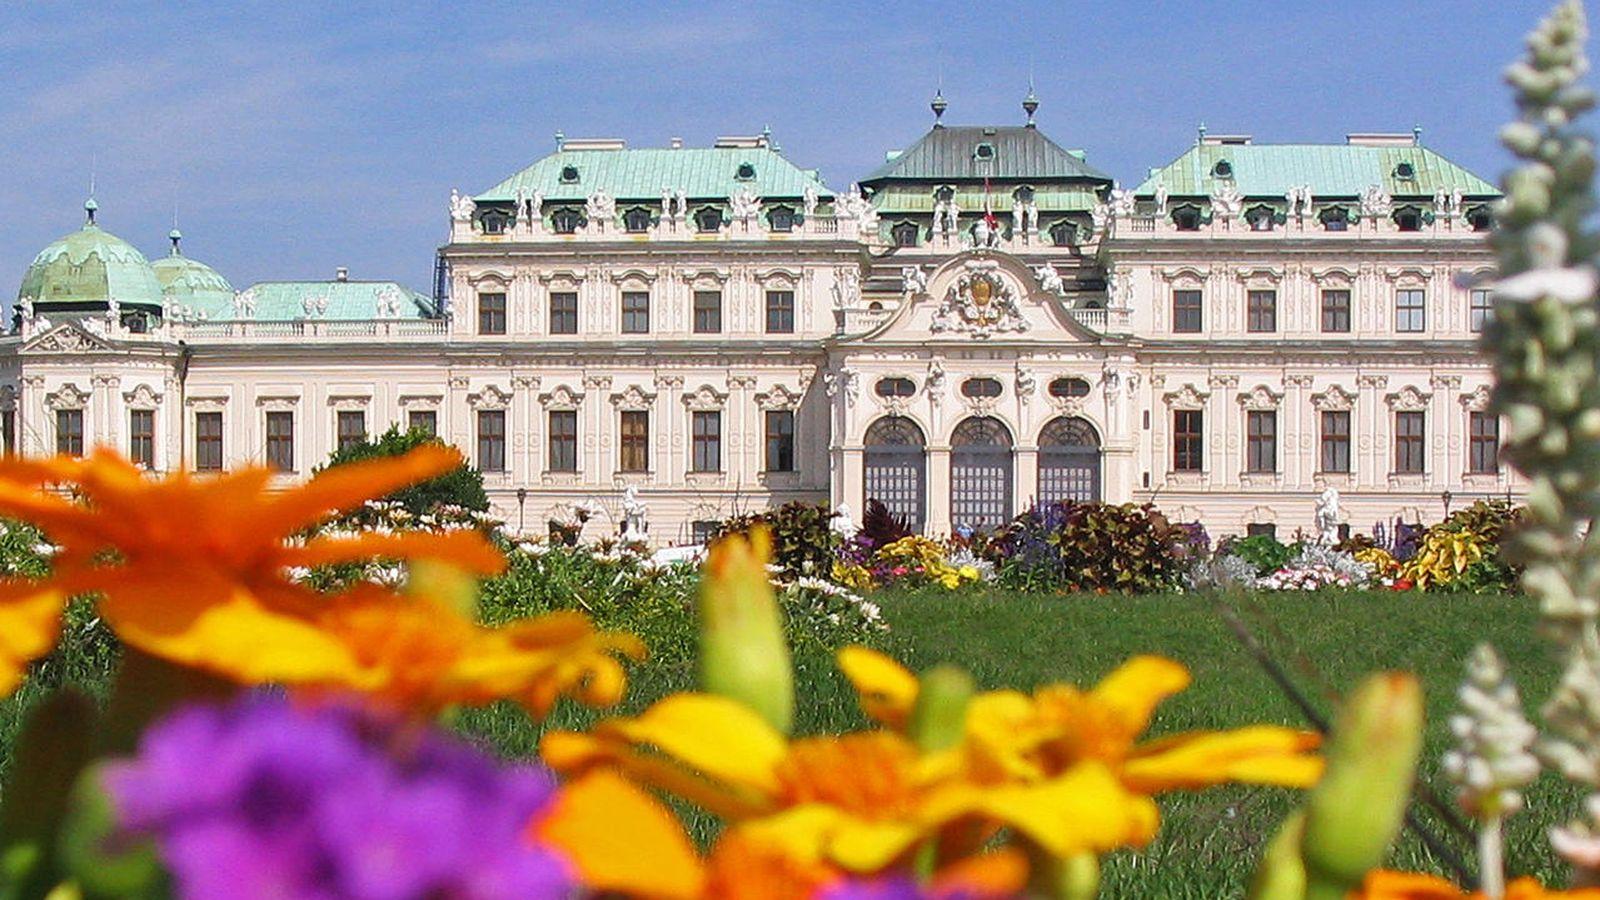 Foto: Castillo de Belvedere, en Viena (Flickr/Ashitaka San)